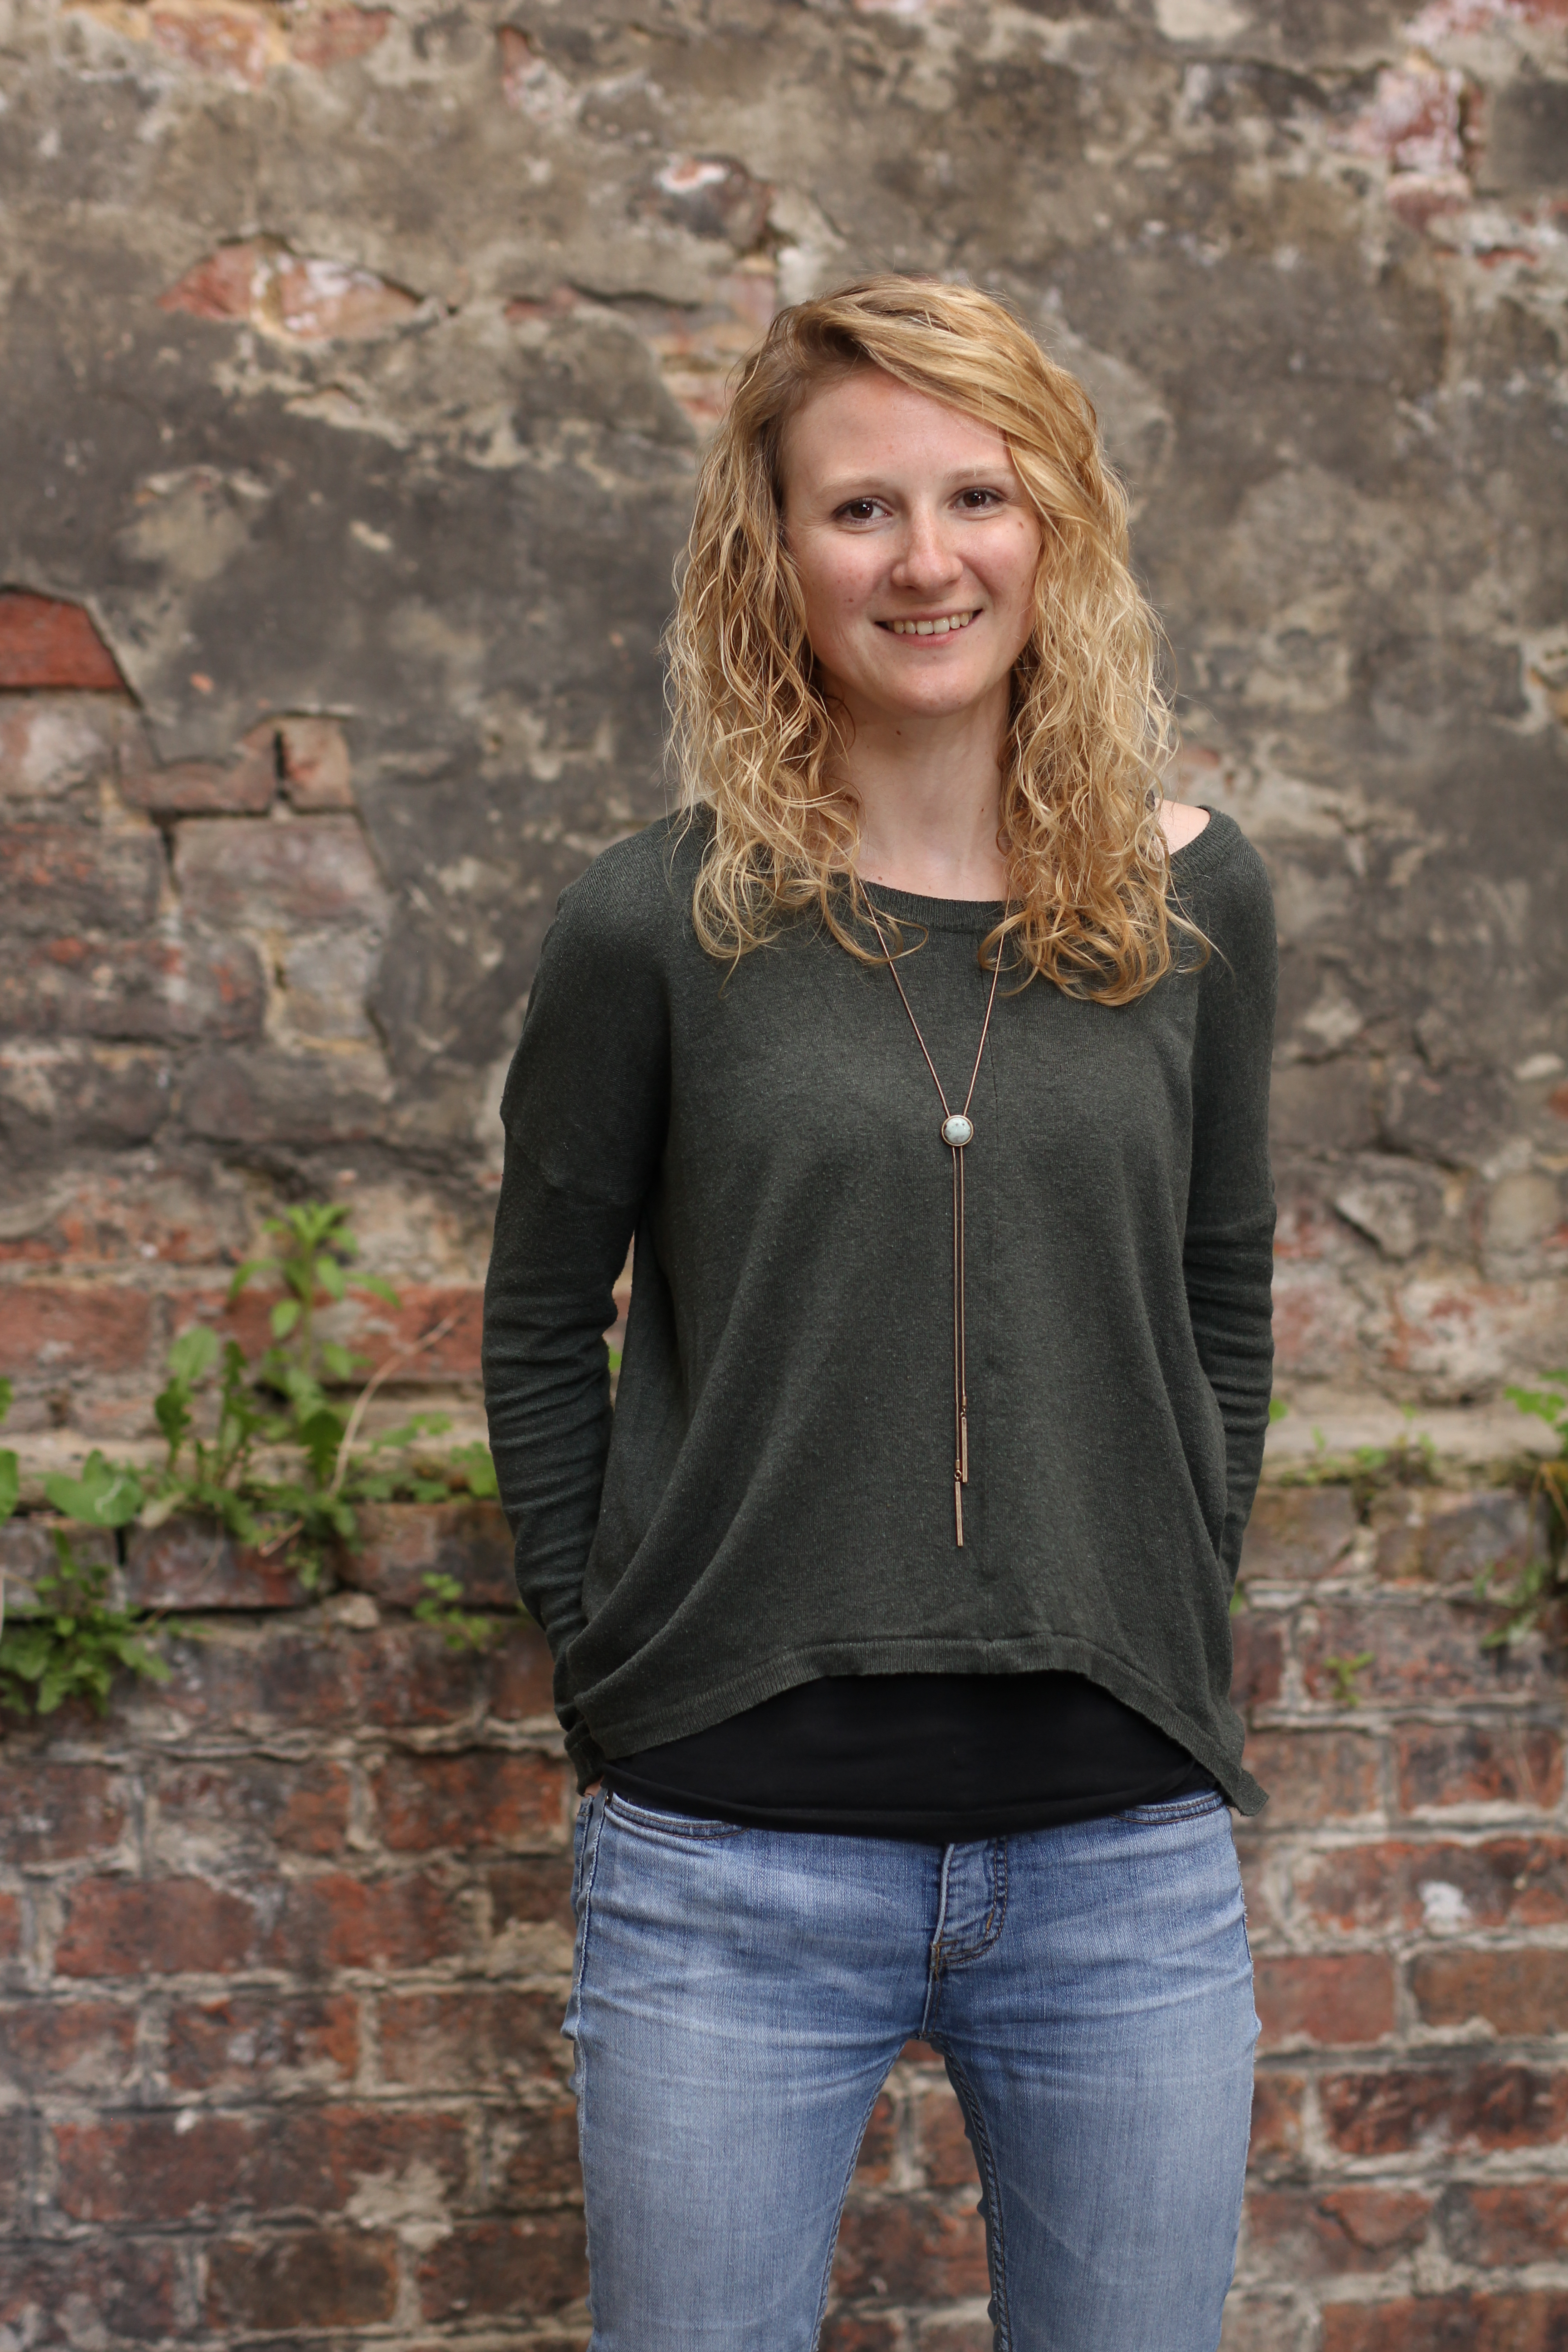 Carina Wetzlhütter (c) Anyline